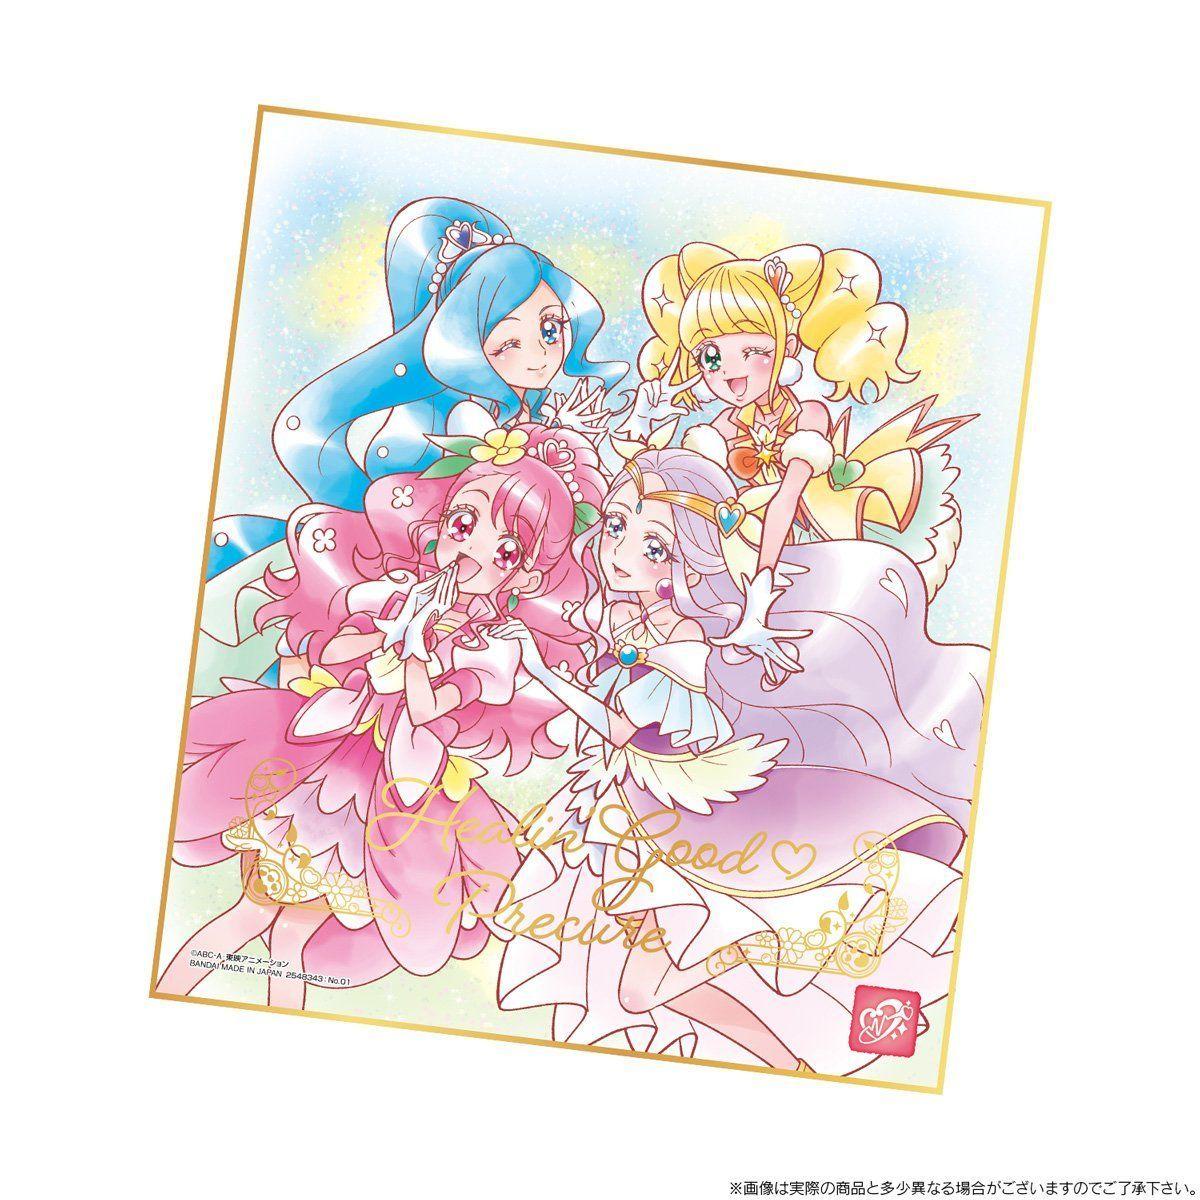 プリキュア色紙ART-メモリアルセット-【プレミアムバンダイ限定】_1